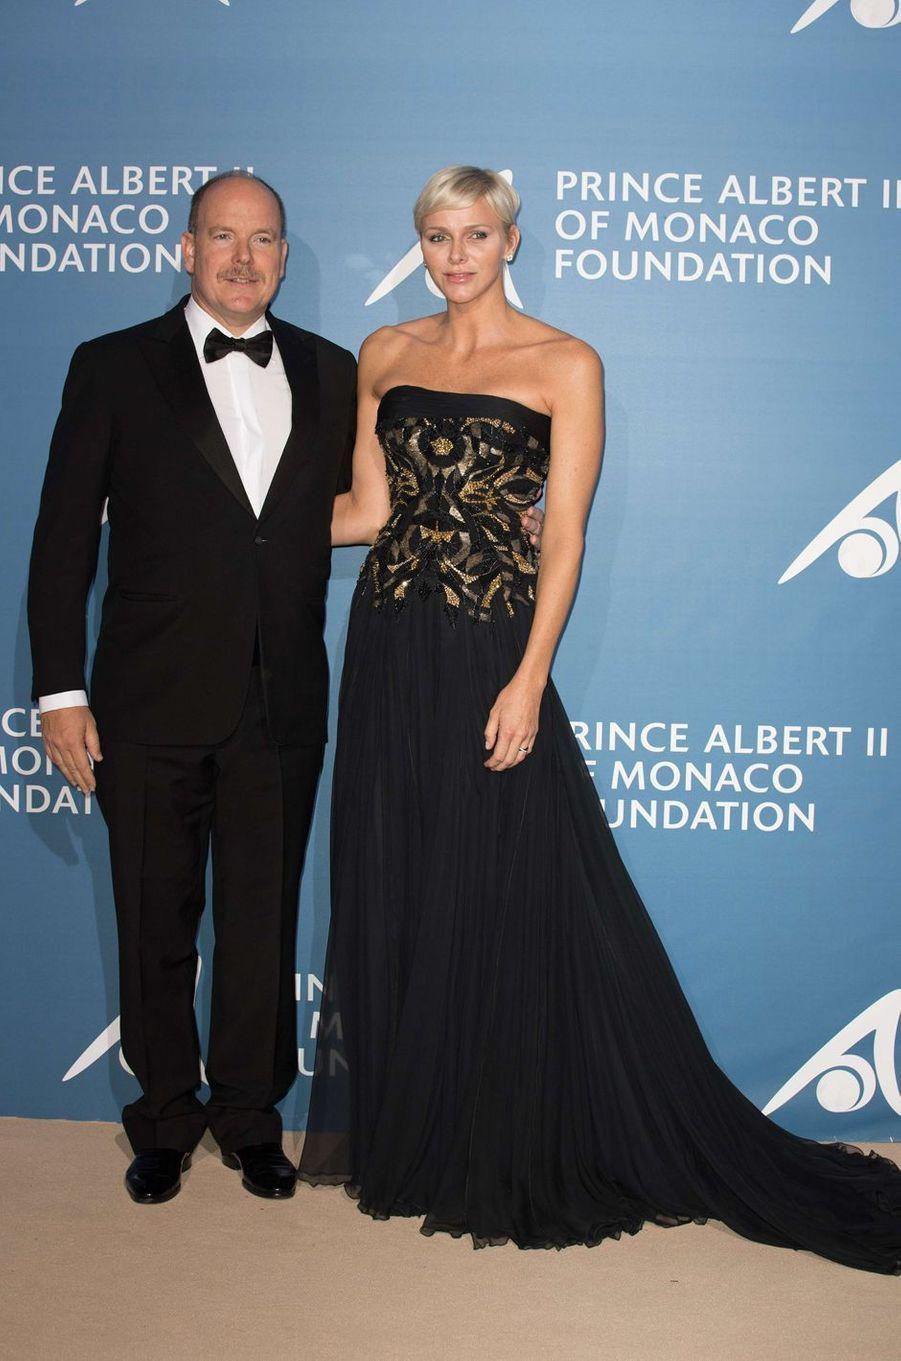 Le prince Albert II de Monaco et la princesse Charlène lors du premier Monte-Carlo Gala pour l'Océan à Monaco, le 28 septembre 2017